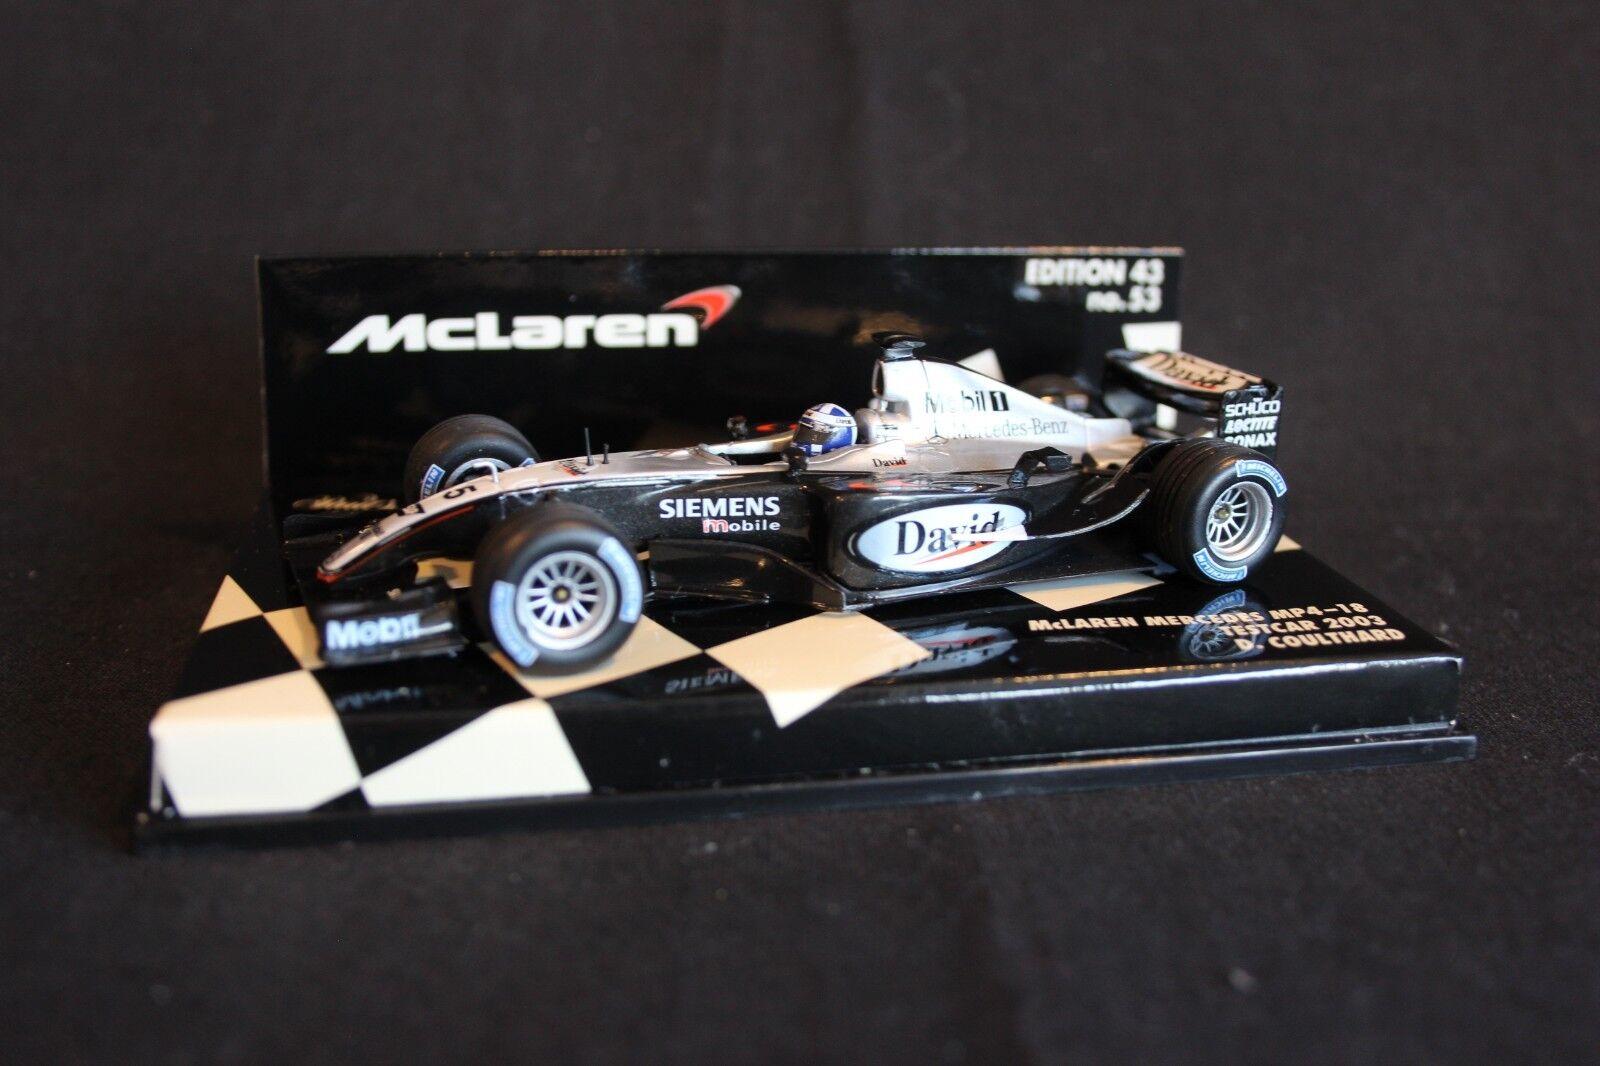 Minichamps McLaren Mercedes MP4 18 2003 1 43 Coulthard (GBR) Testcar